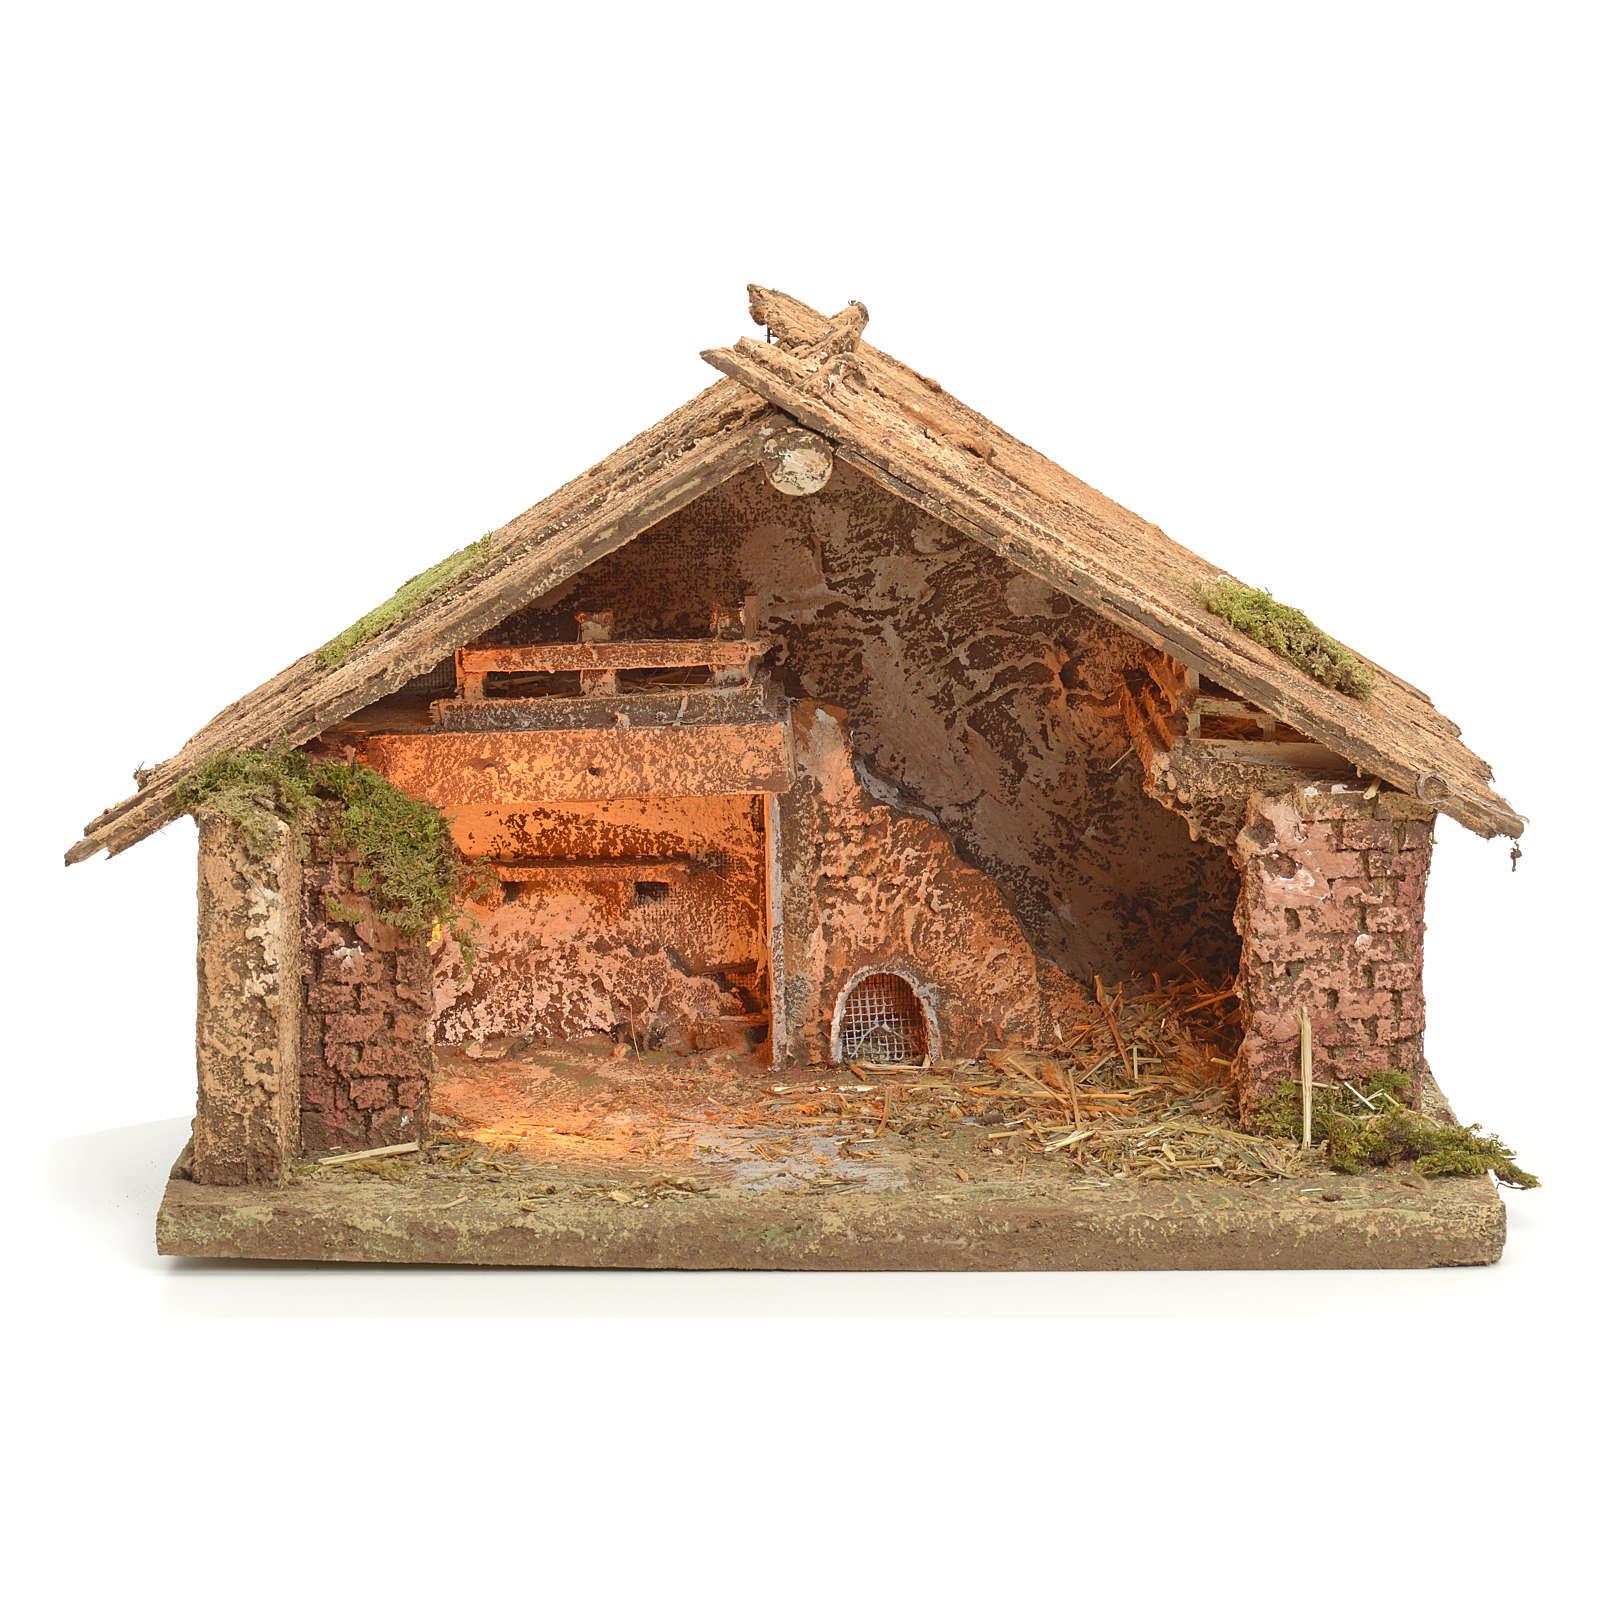 Nativity scene illuminated stable in Neapolitan style 43x43x30 4